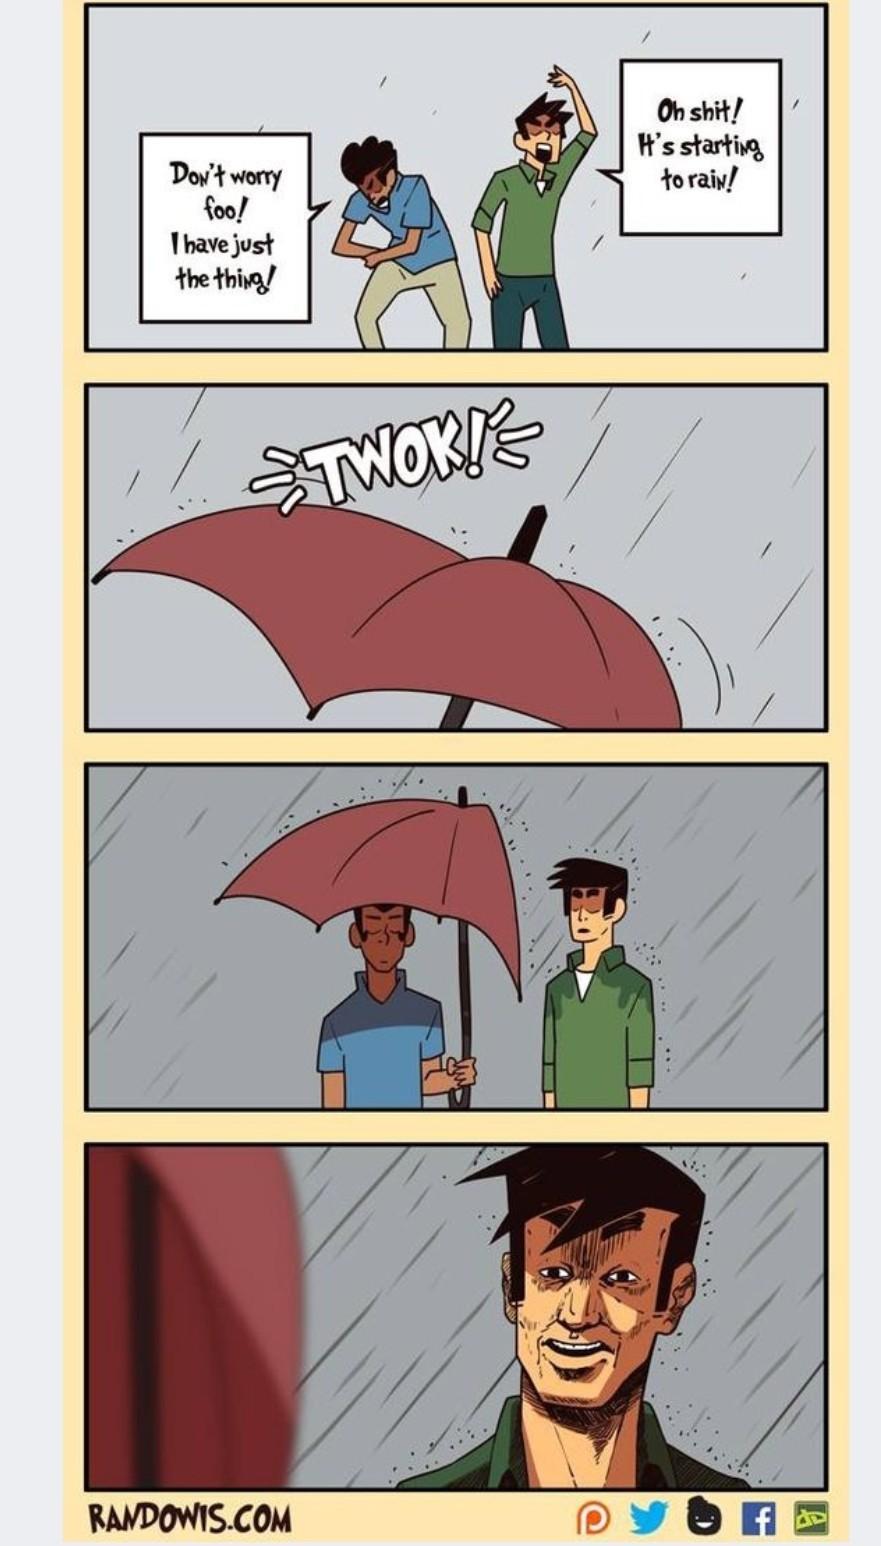 Rain go away thot - meme